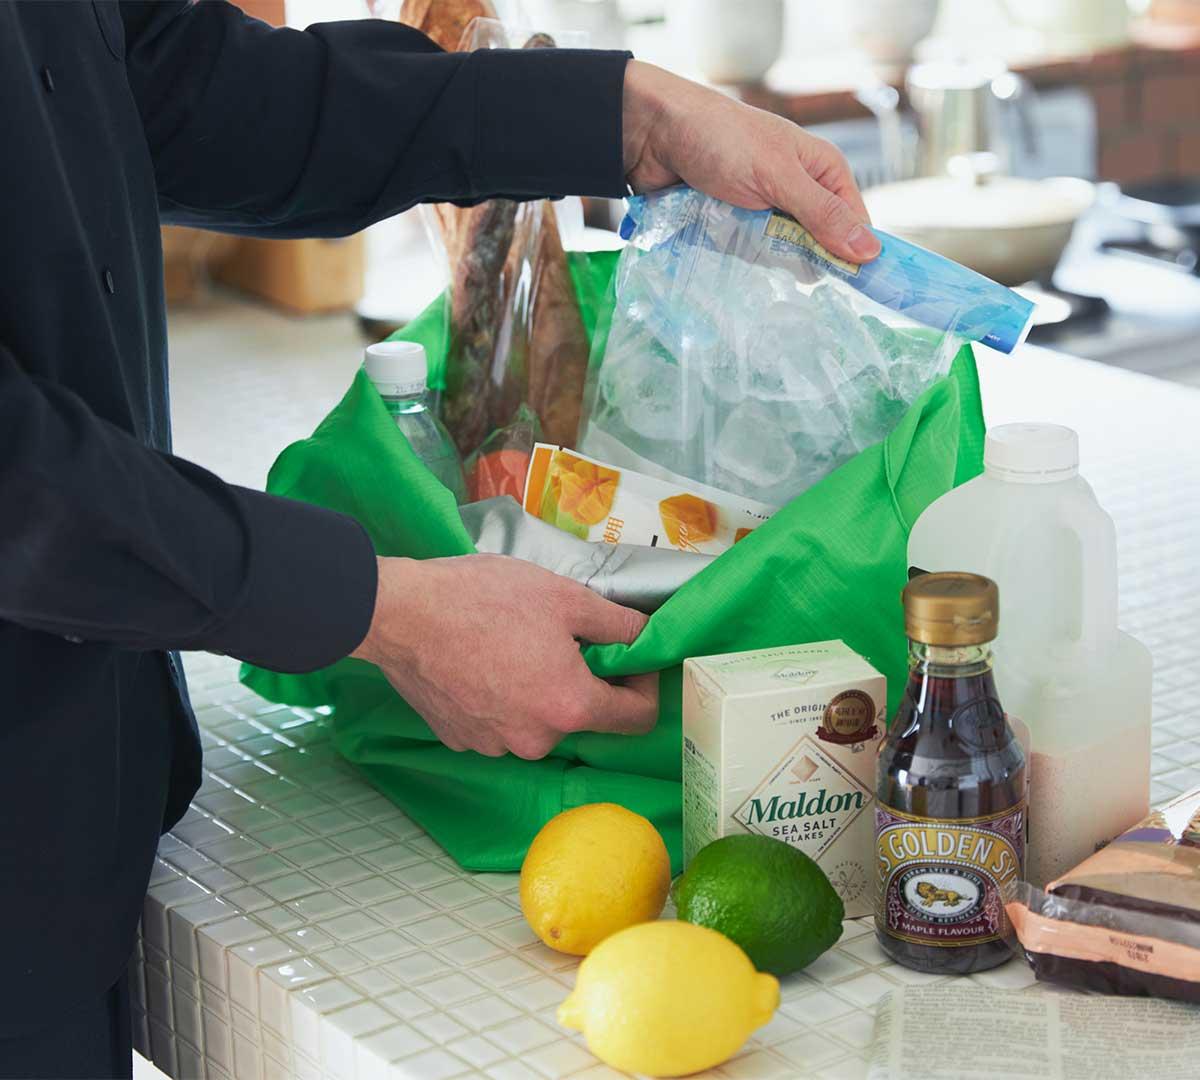 エコバッグ感覚で小さくたためて、いつもの鞄に入れて持ち歩ける。ビールや冷凍肉もおいしさキープ、極薄素材で小さくたためる「保冷バッグ」|KATOKOA(カトコア)